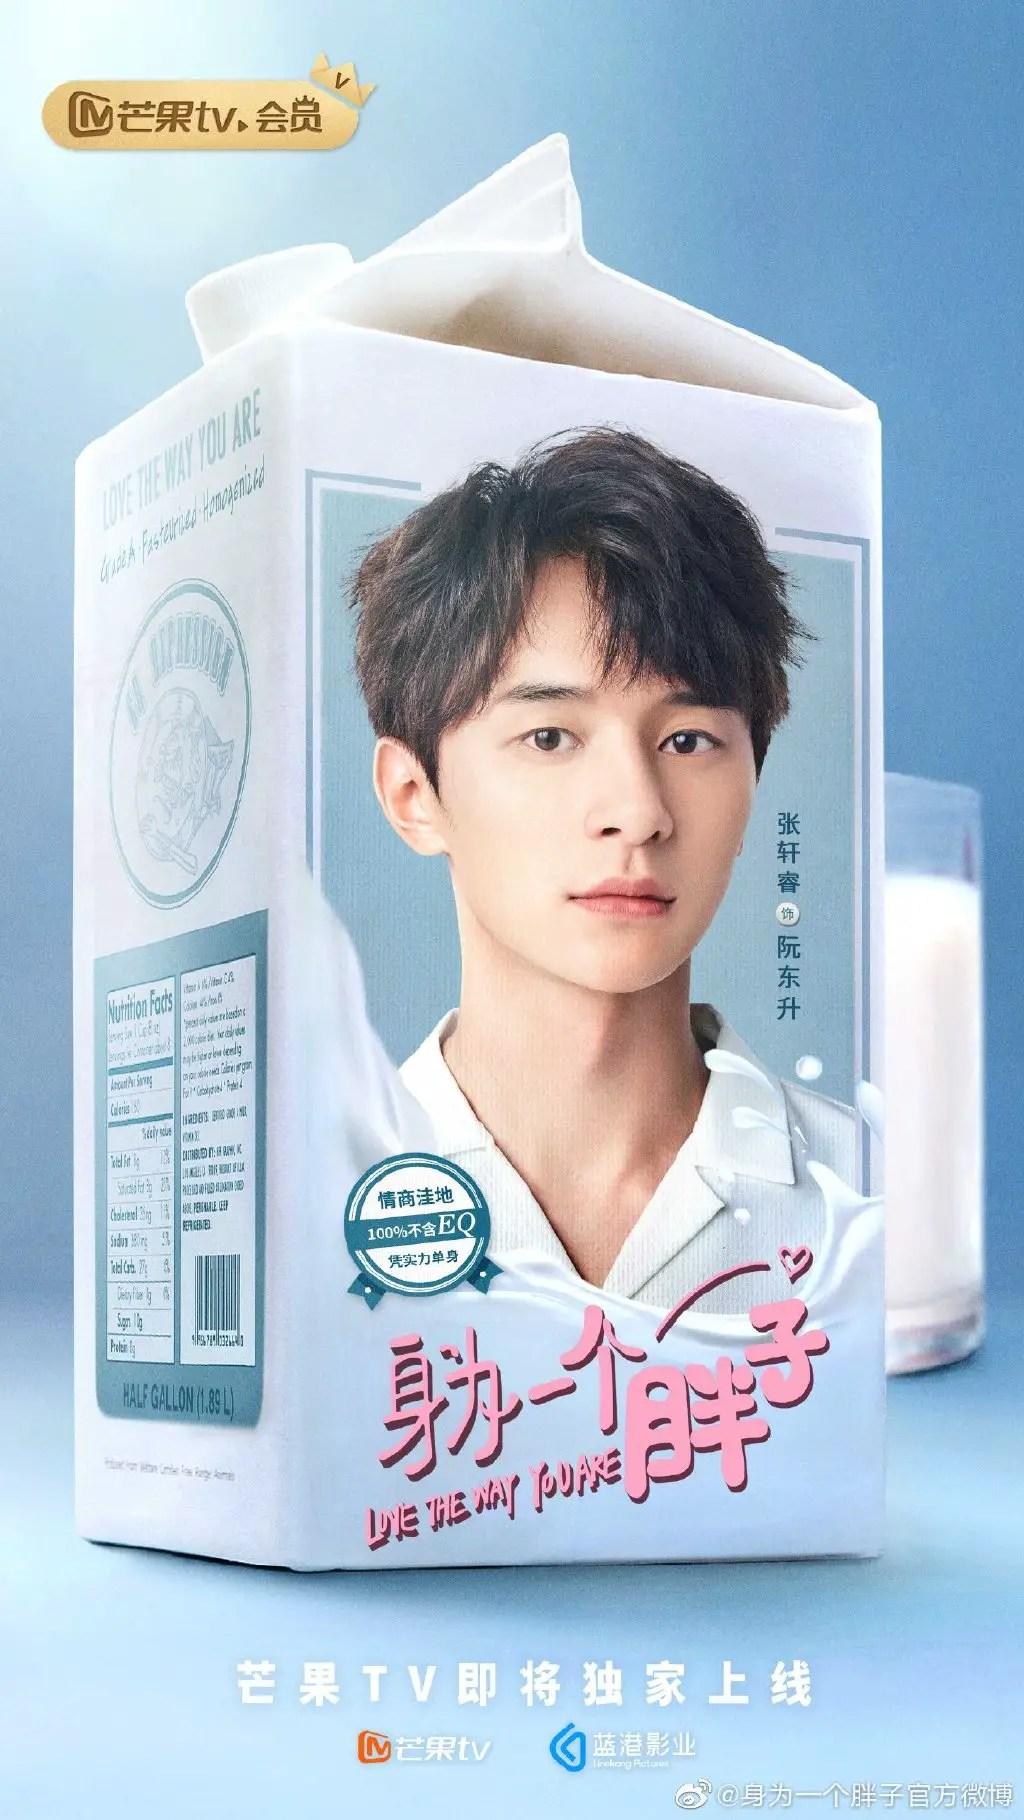 Zhang Xuan Rui